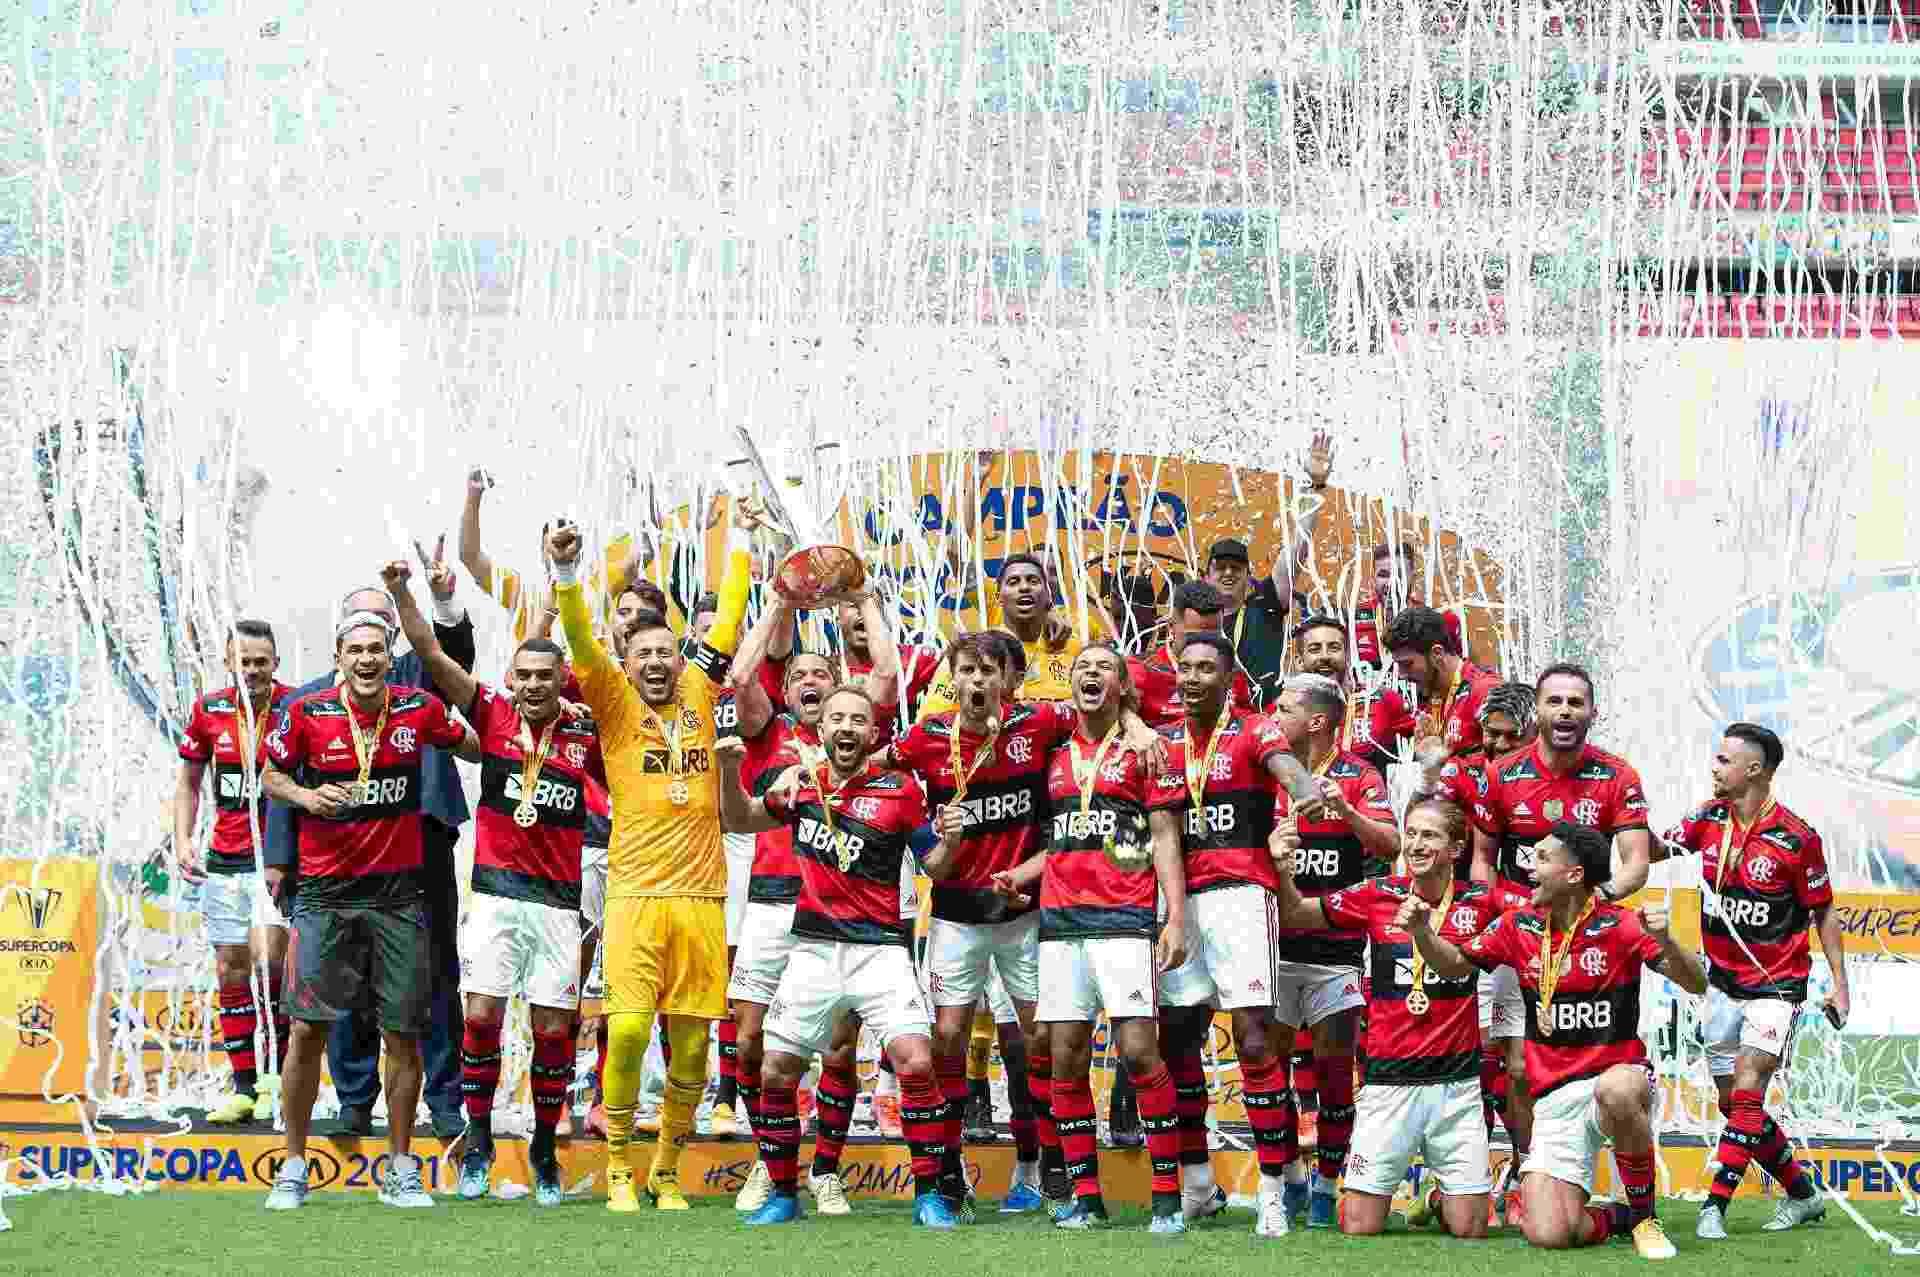 Jogadores do Flamengo celebram conquista da Supercopa do Brasil - Alexandre Vidal / Flamengo